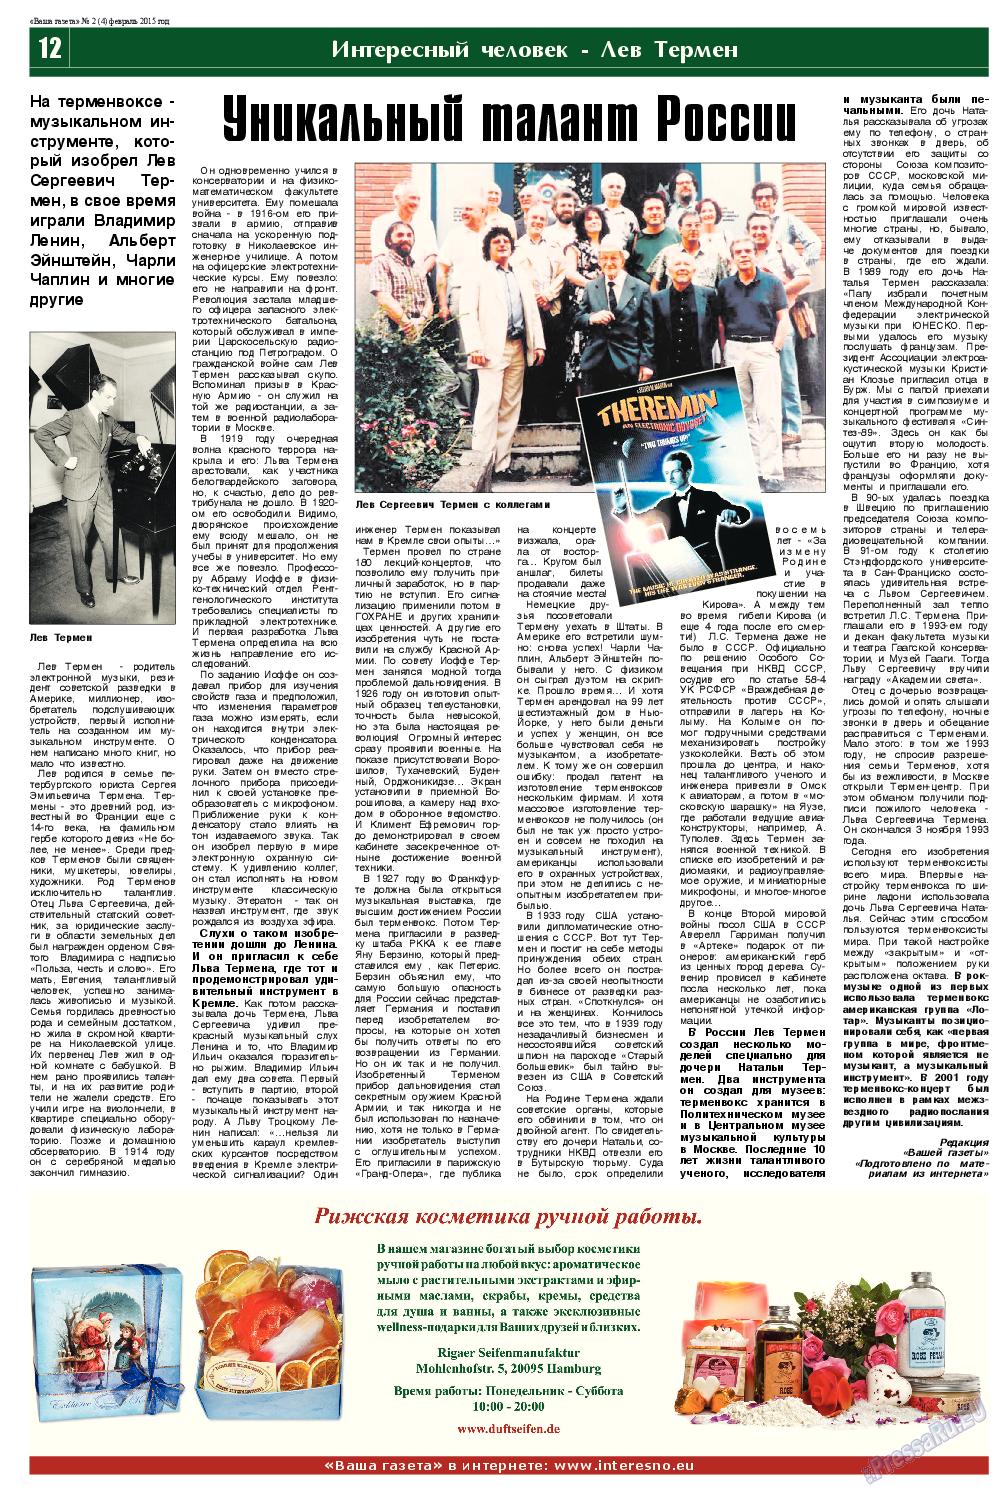 Ваша газета (газета). 2015 год, номер 2, стр. 12